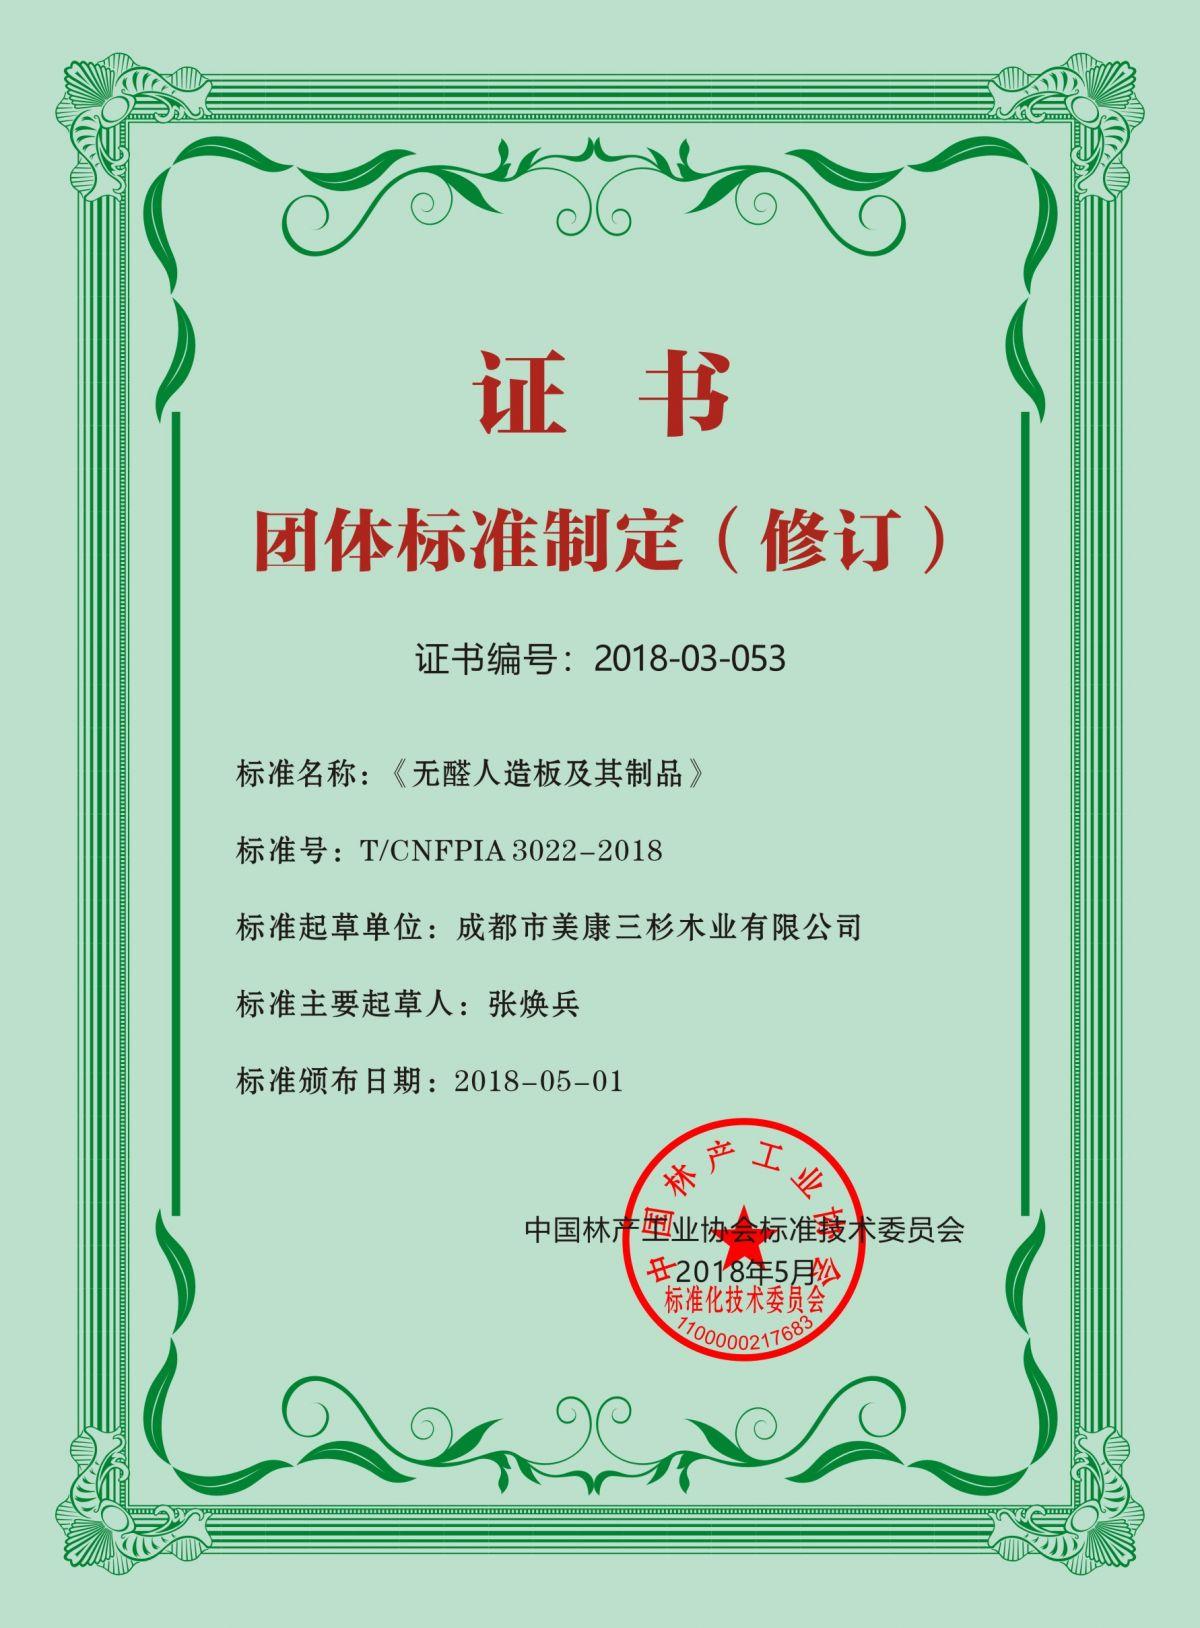 团体标准制定证书